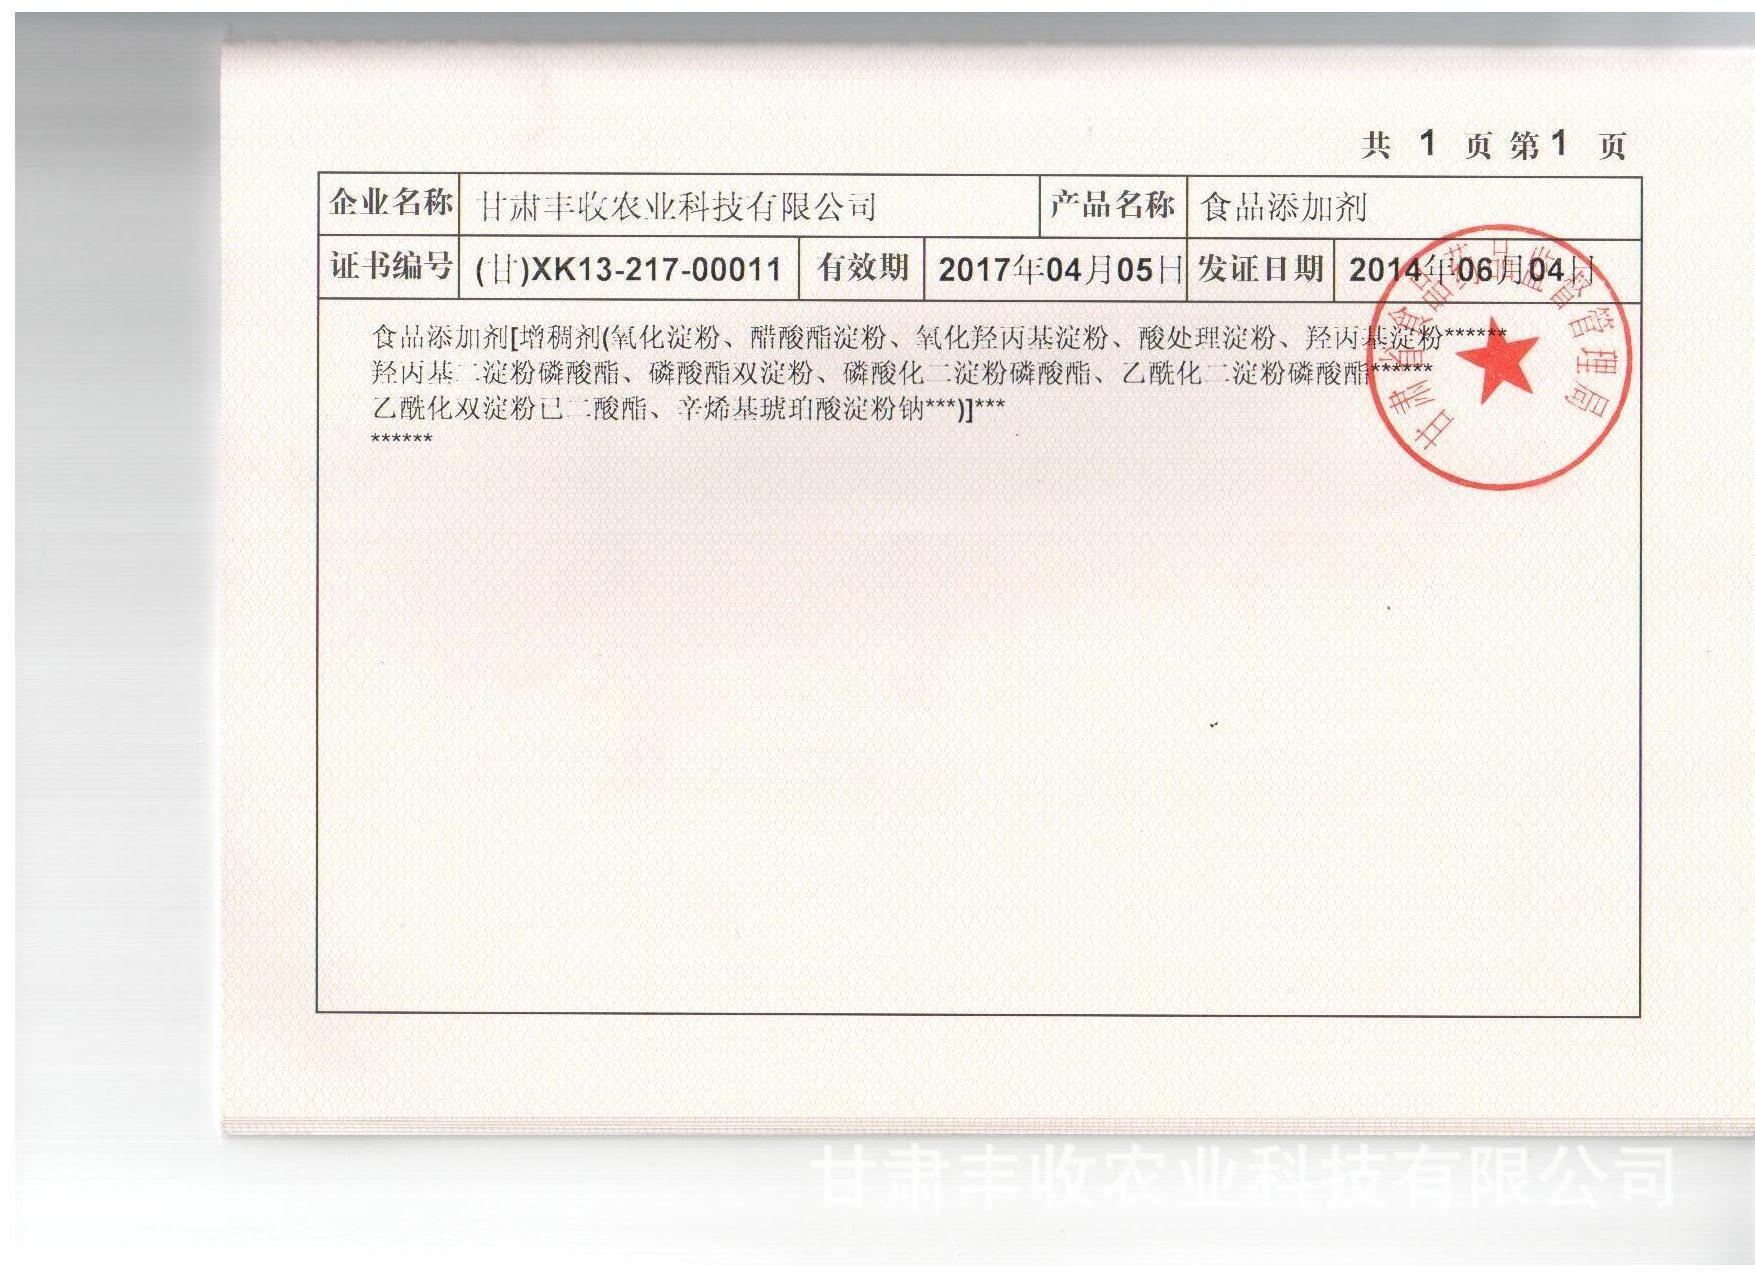 生产许可证附页(1)